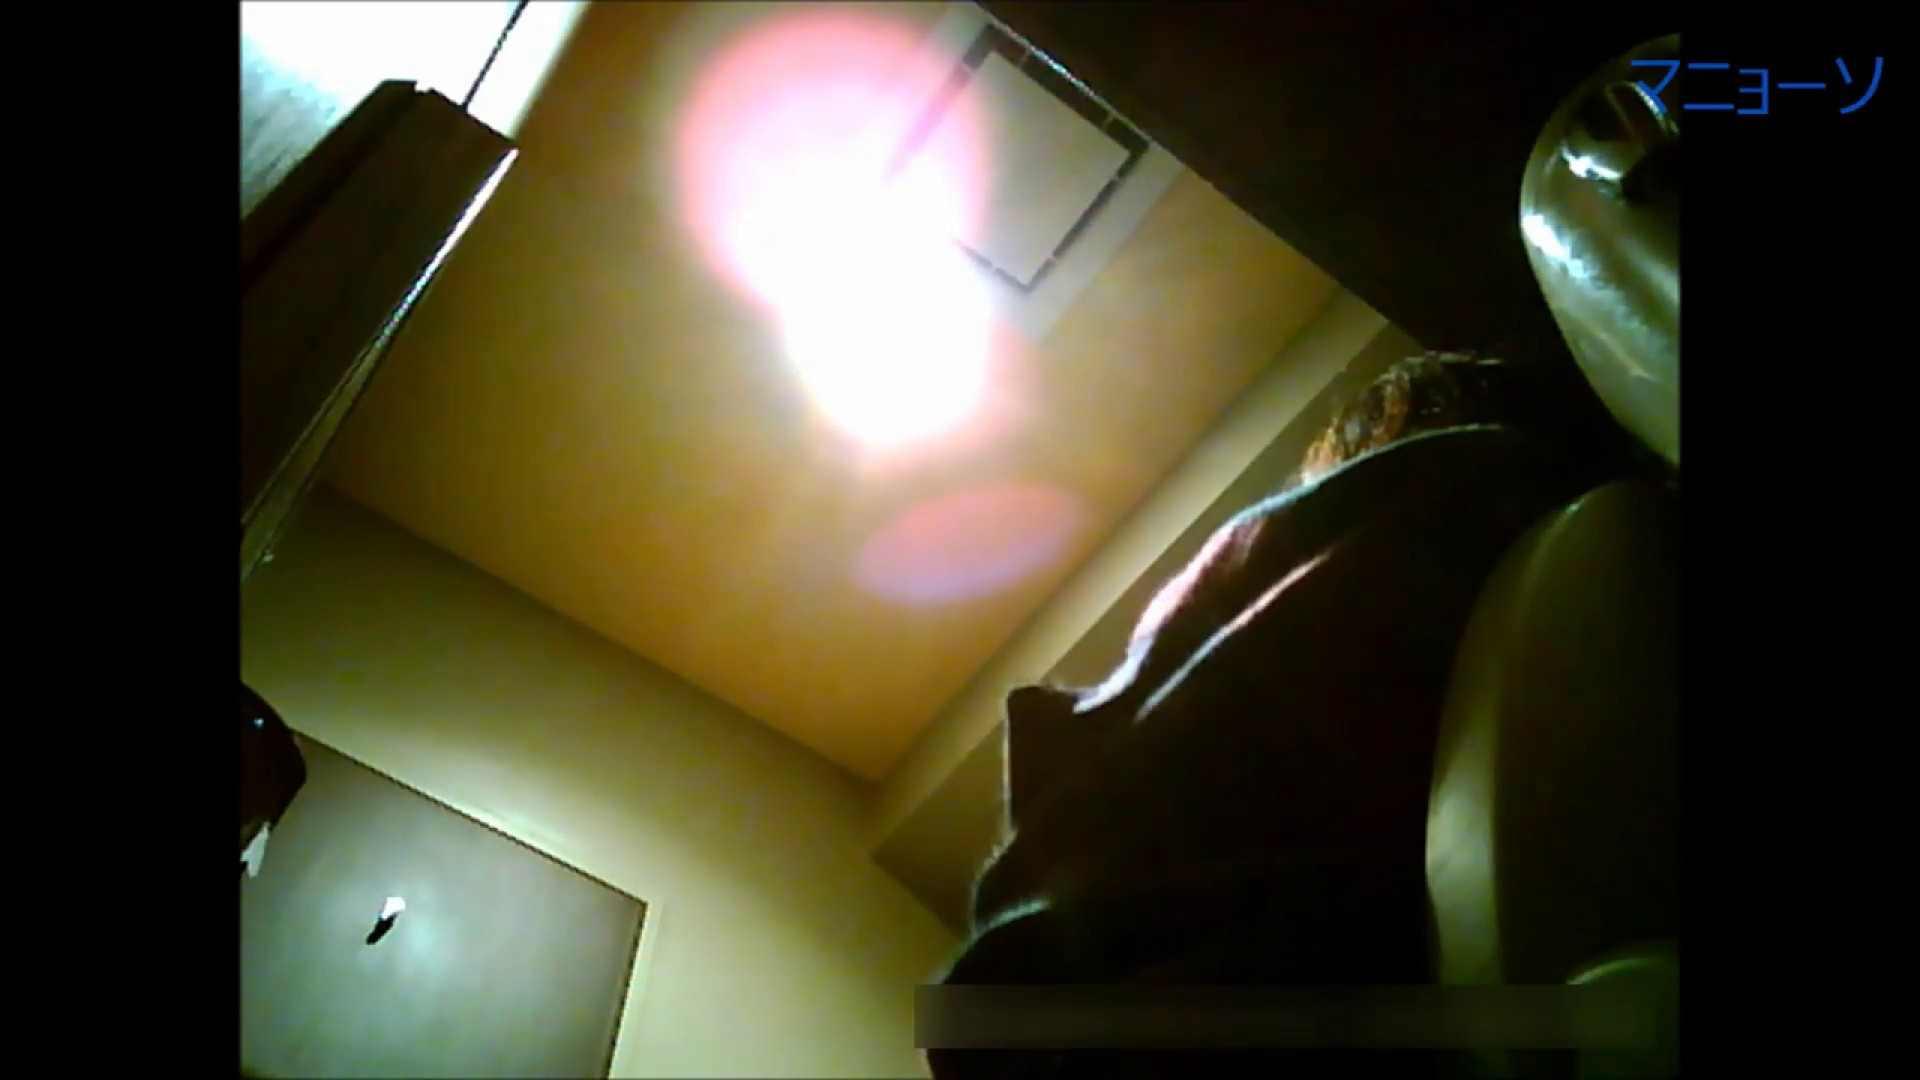 トイレでひと肌脱いでもらいました (JD編)Vol.02 丸見え AV無料動画キャプチャ 83画像 44